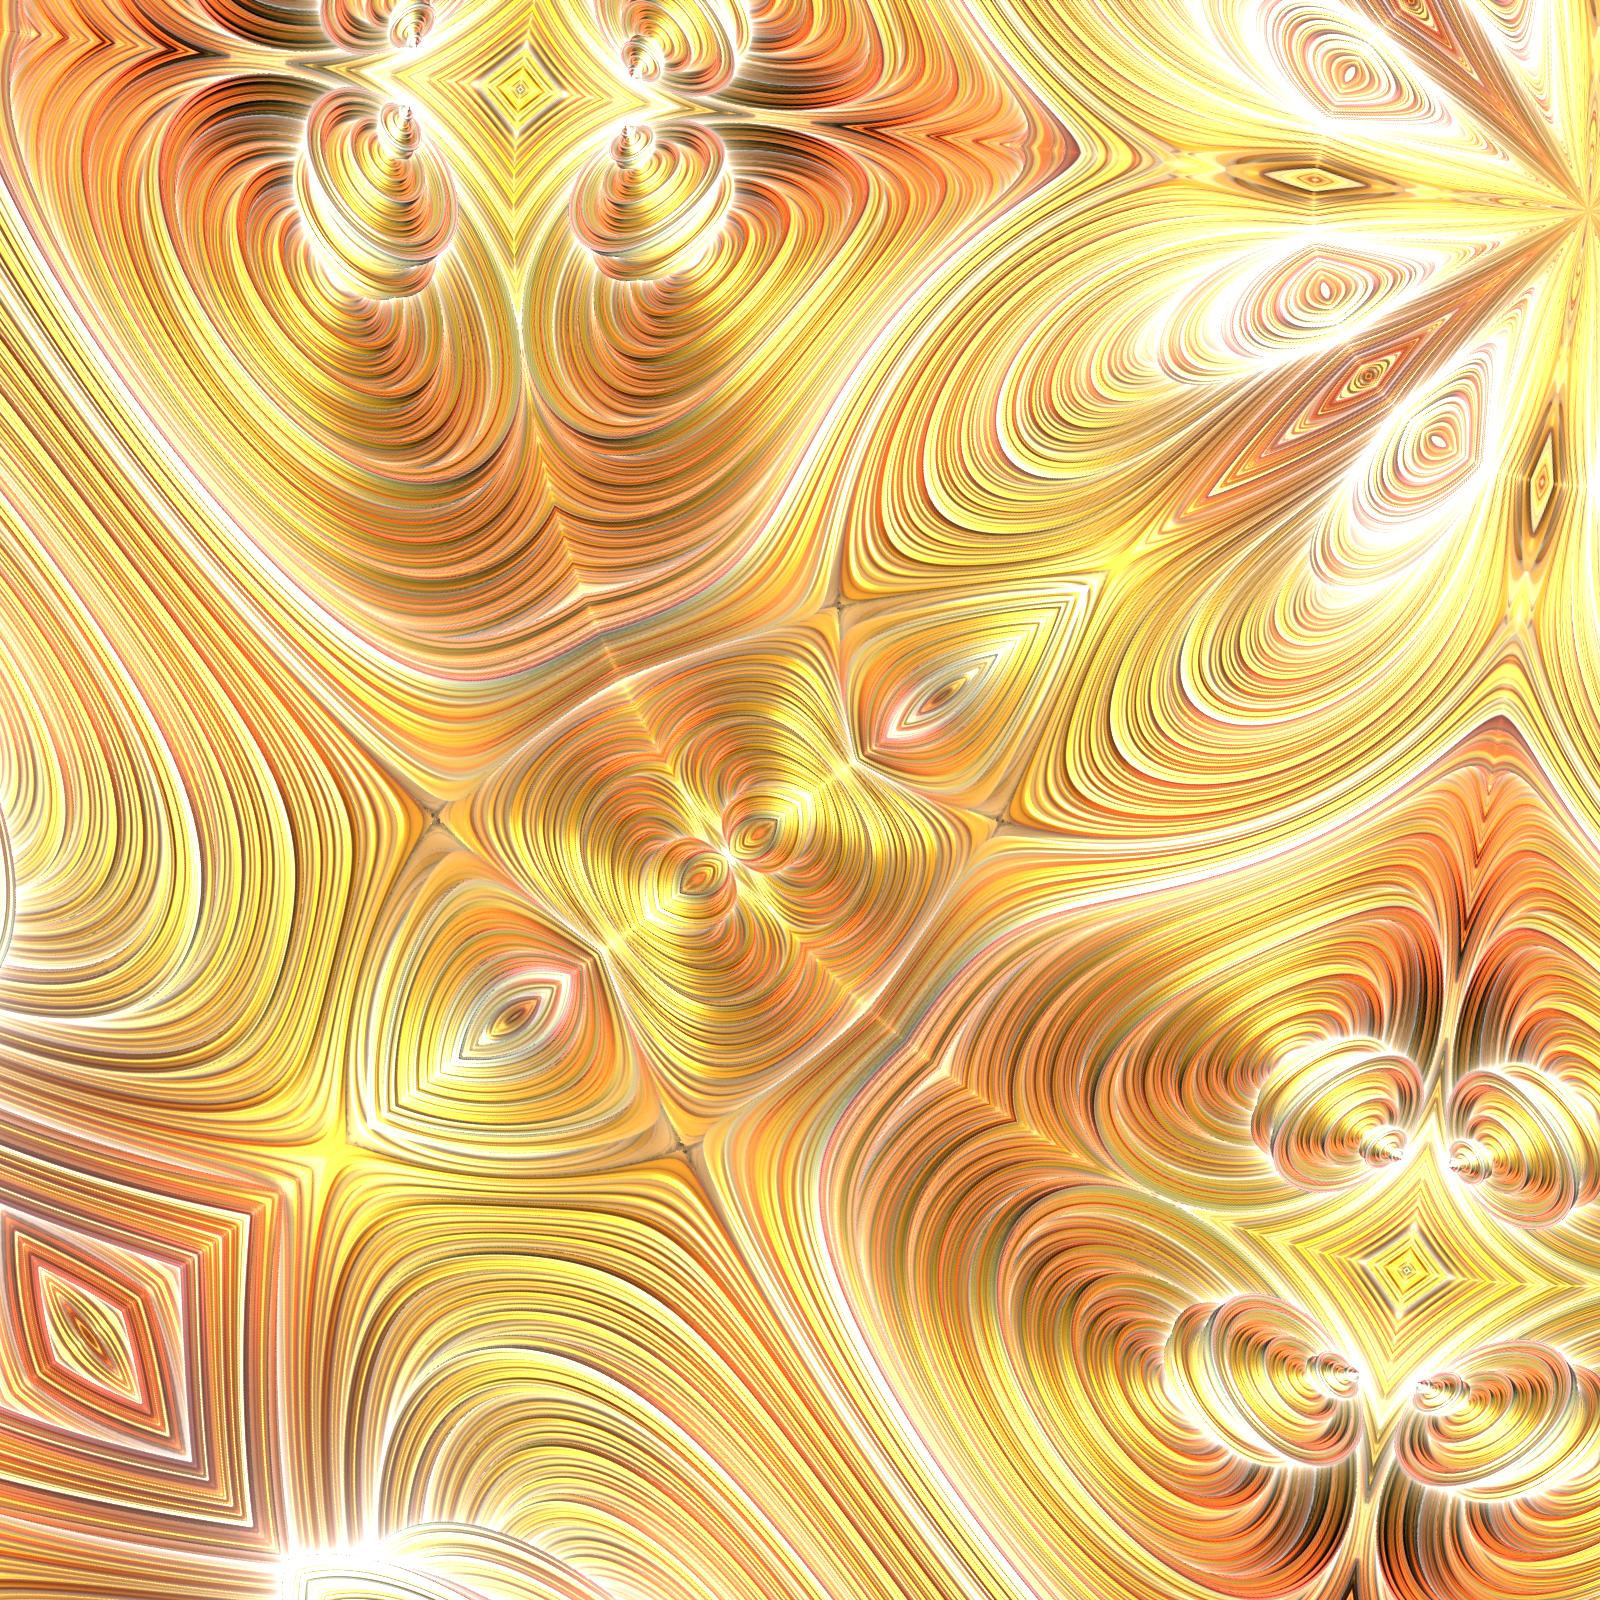 キラキラ輝くゴールデンスクリューキラキラ輝くゴールデンスクリュー